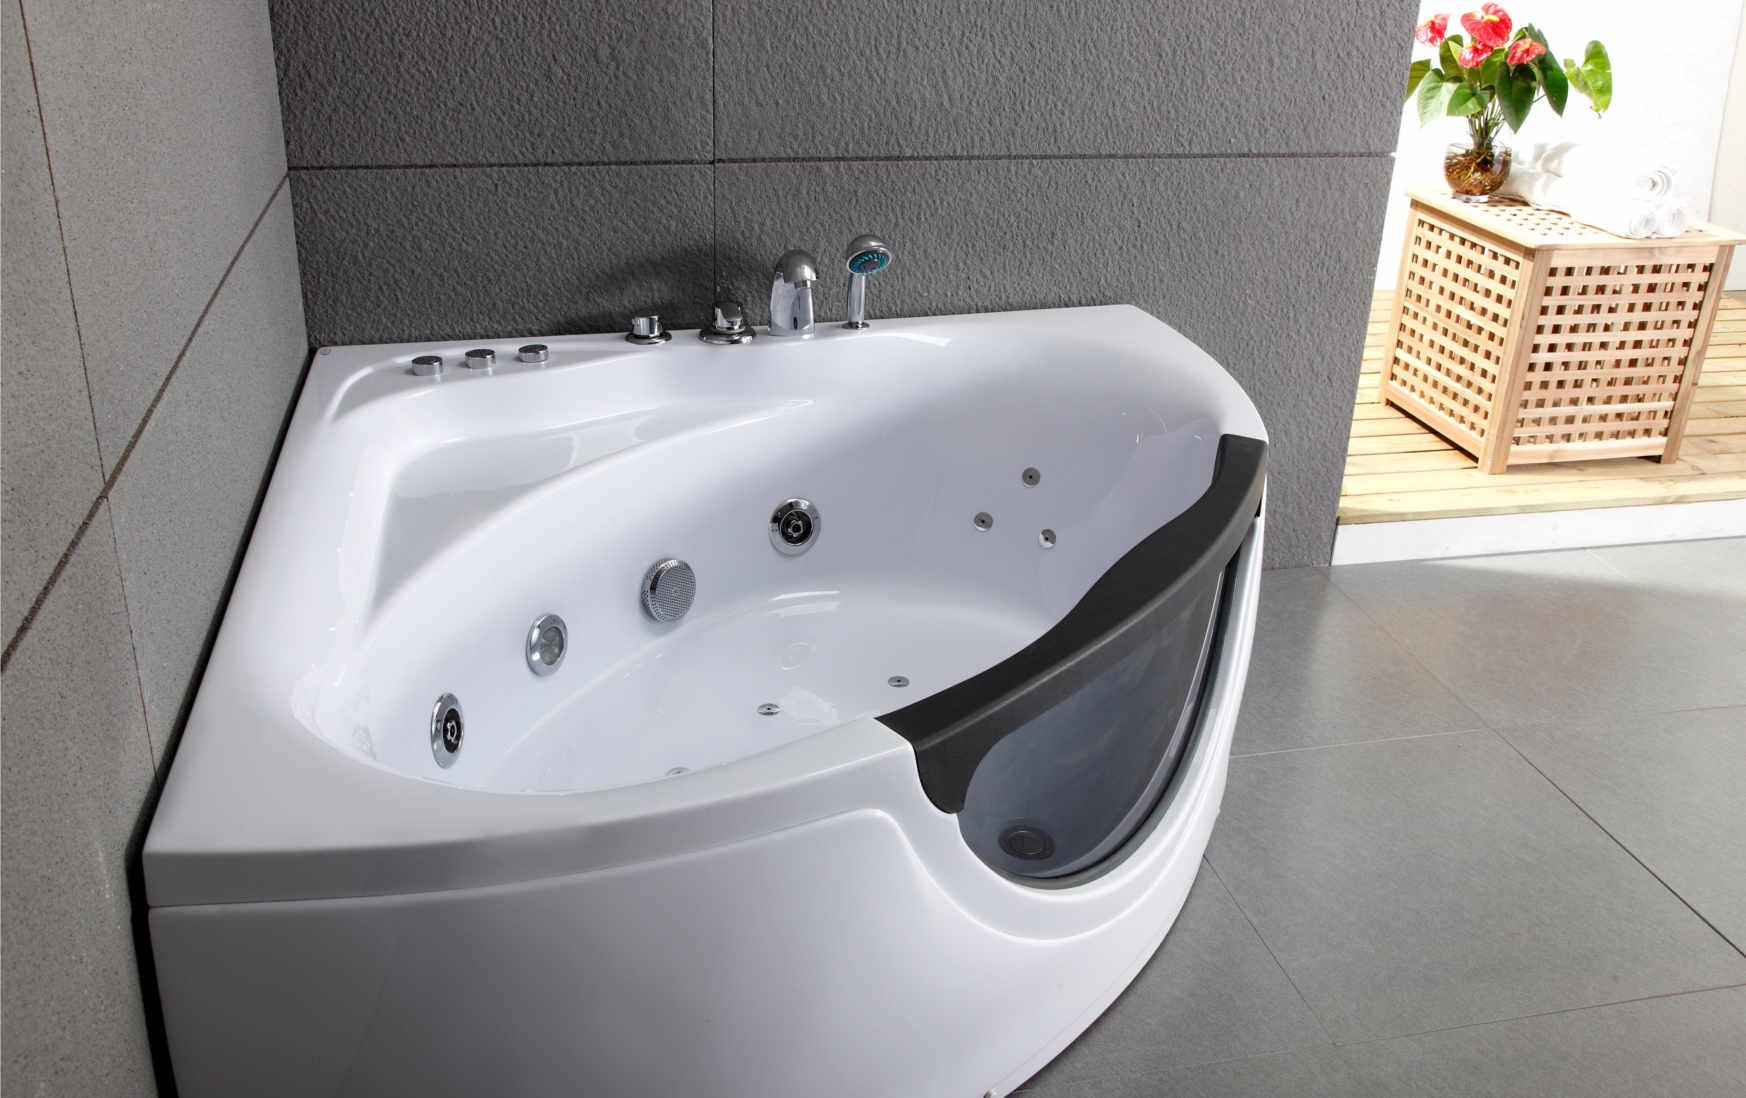 Tout savoir sur la baignoire baln o leroy merlin for Combine baignoire douche balneo